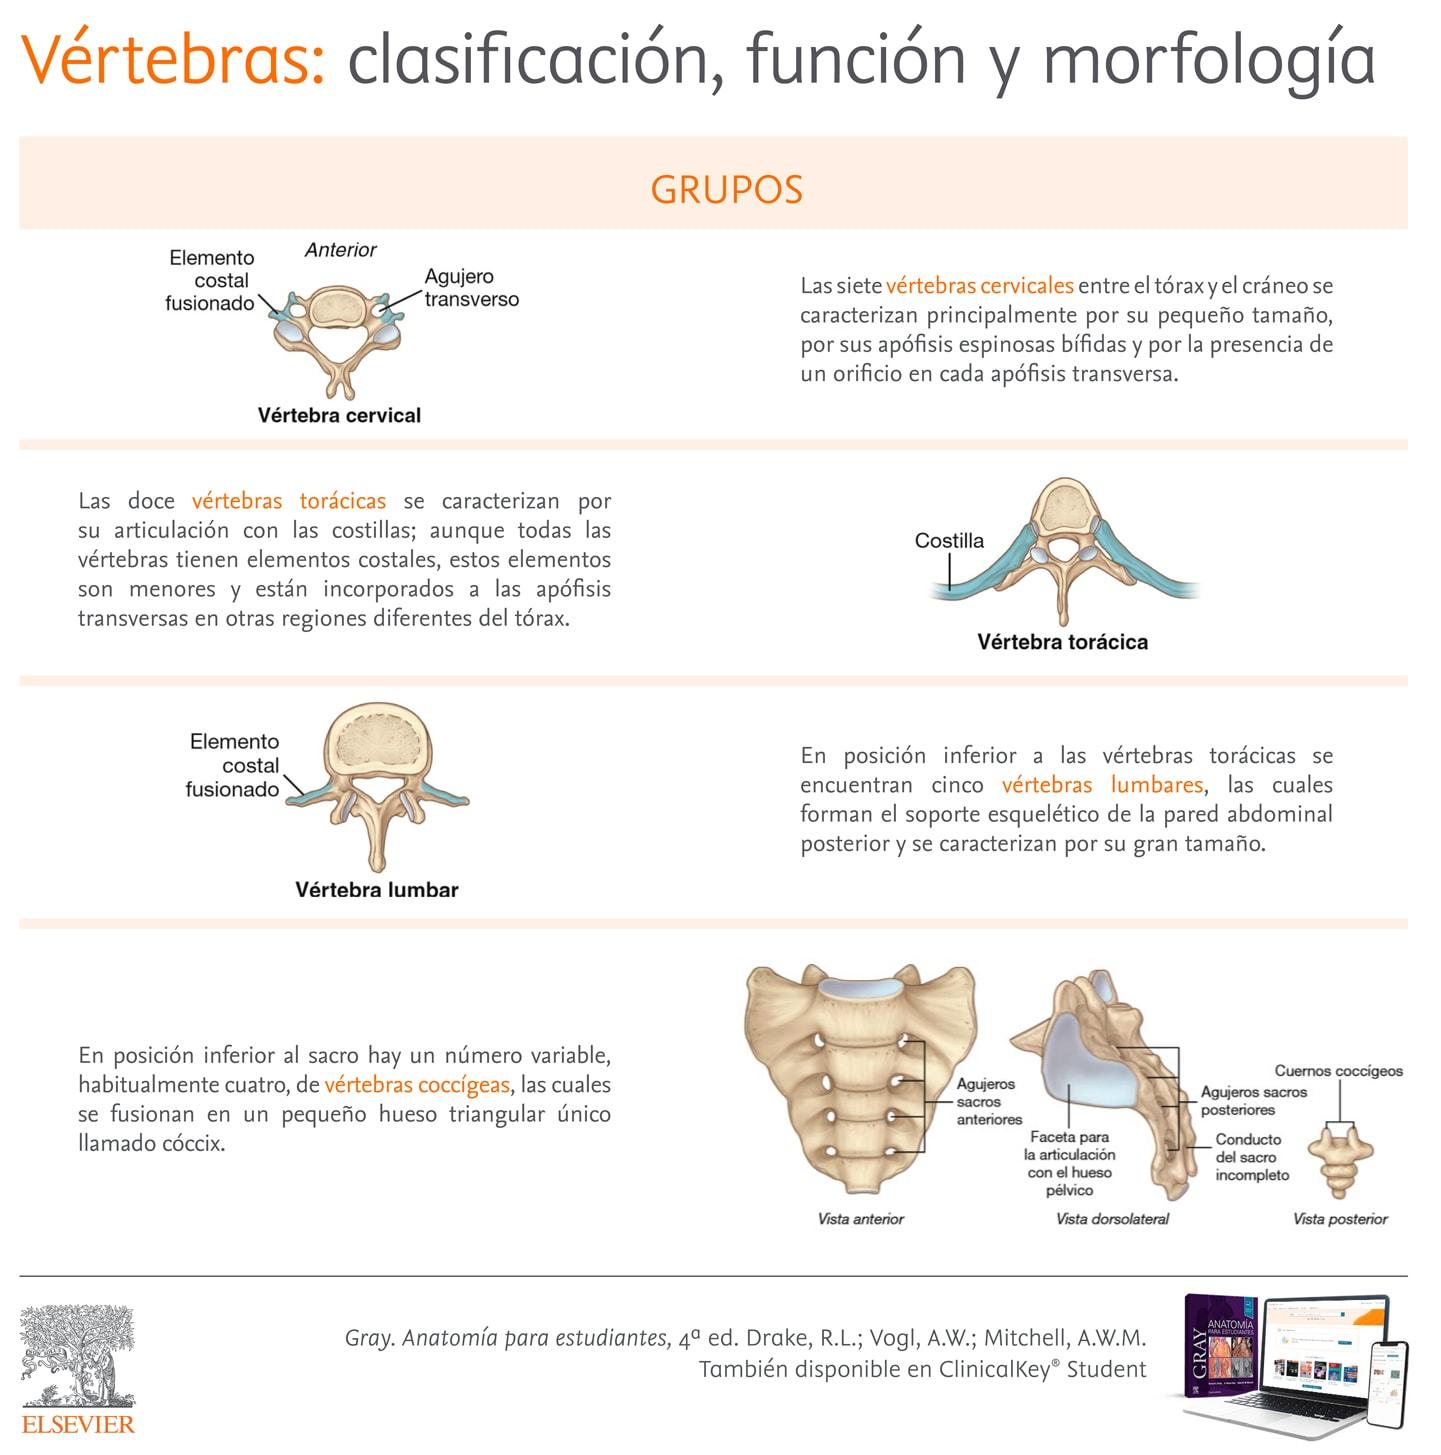 Función vértebras